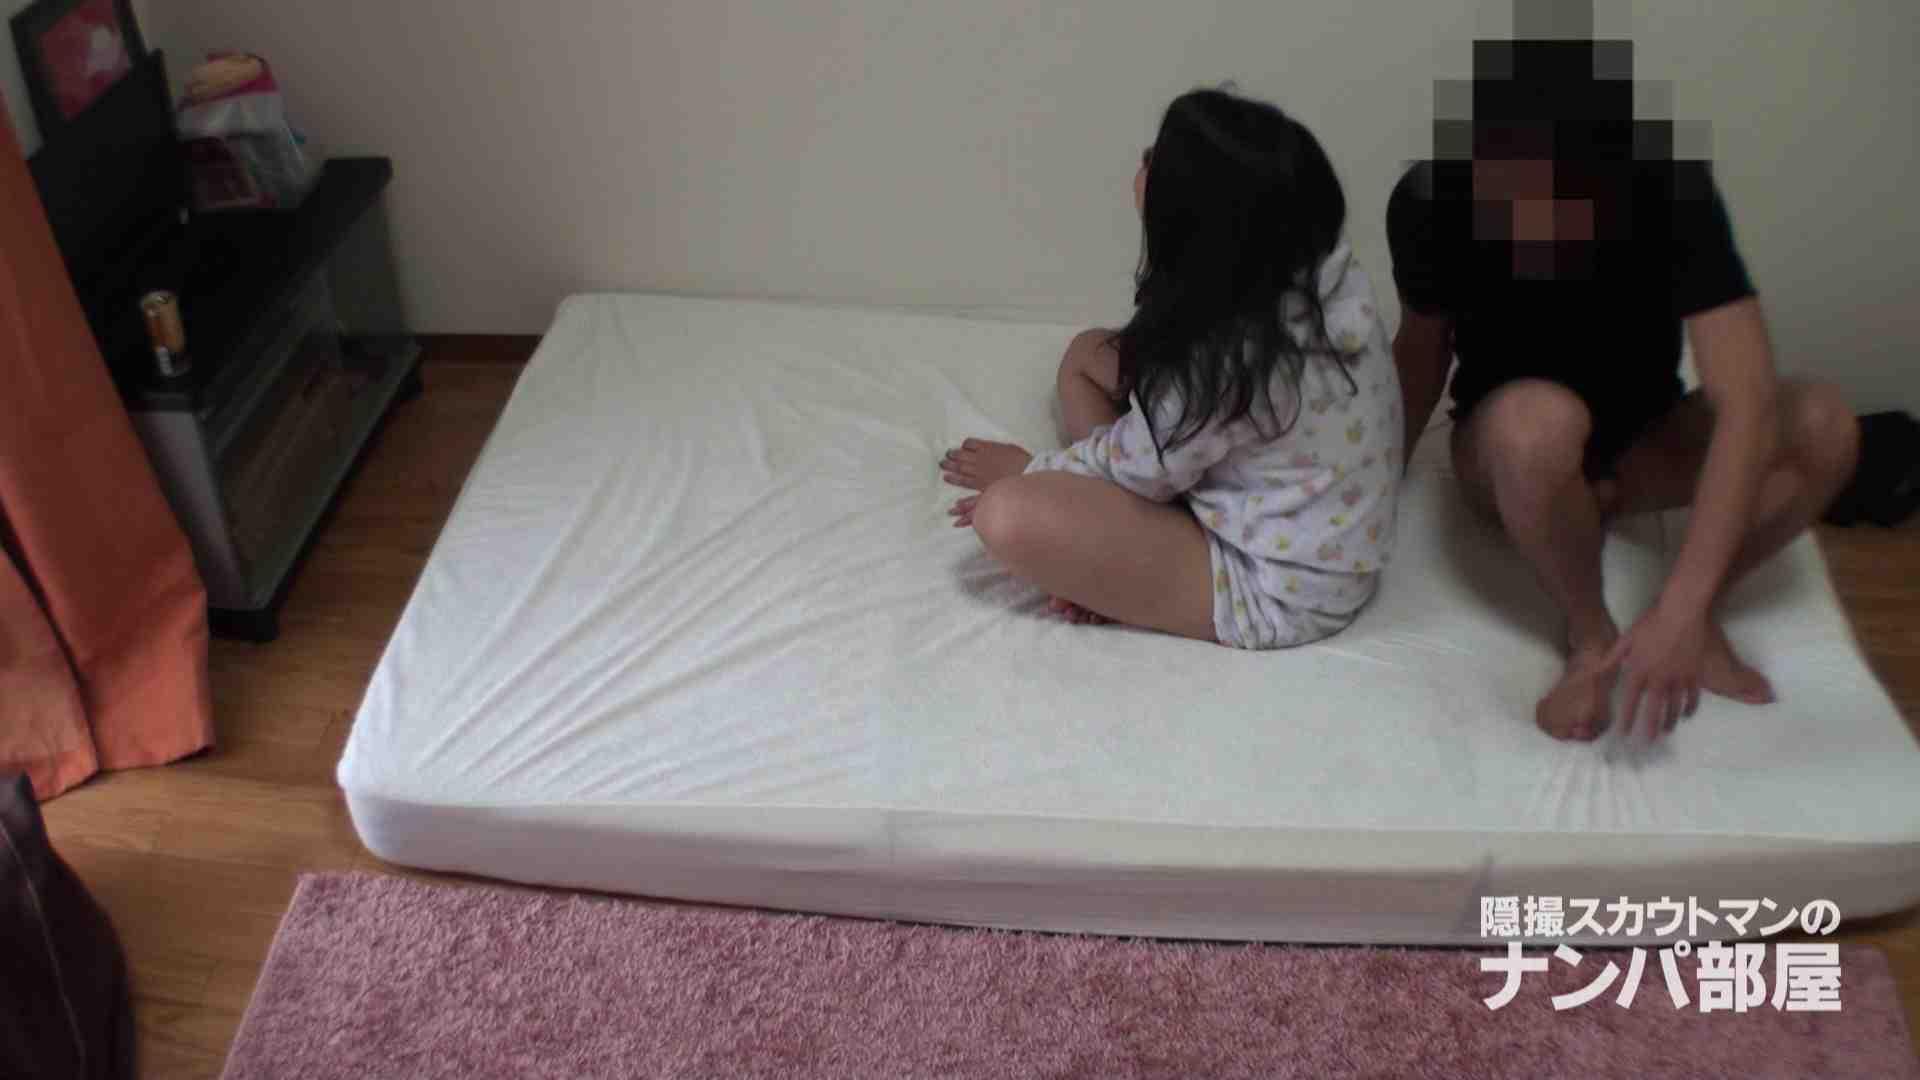 隠撮スカウトマンのナンパ部屋~風俗デビュー前のつまみ食い~hanavol.3 ナンパ エロ無料画像 111pic 78